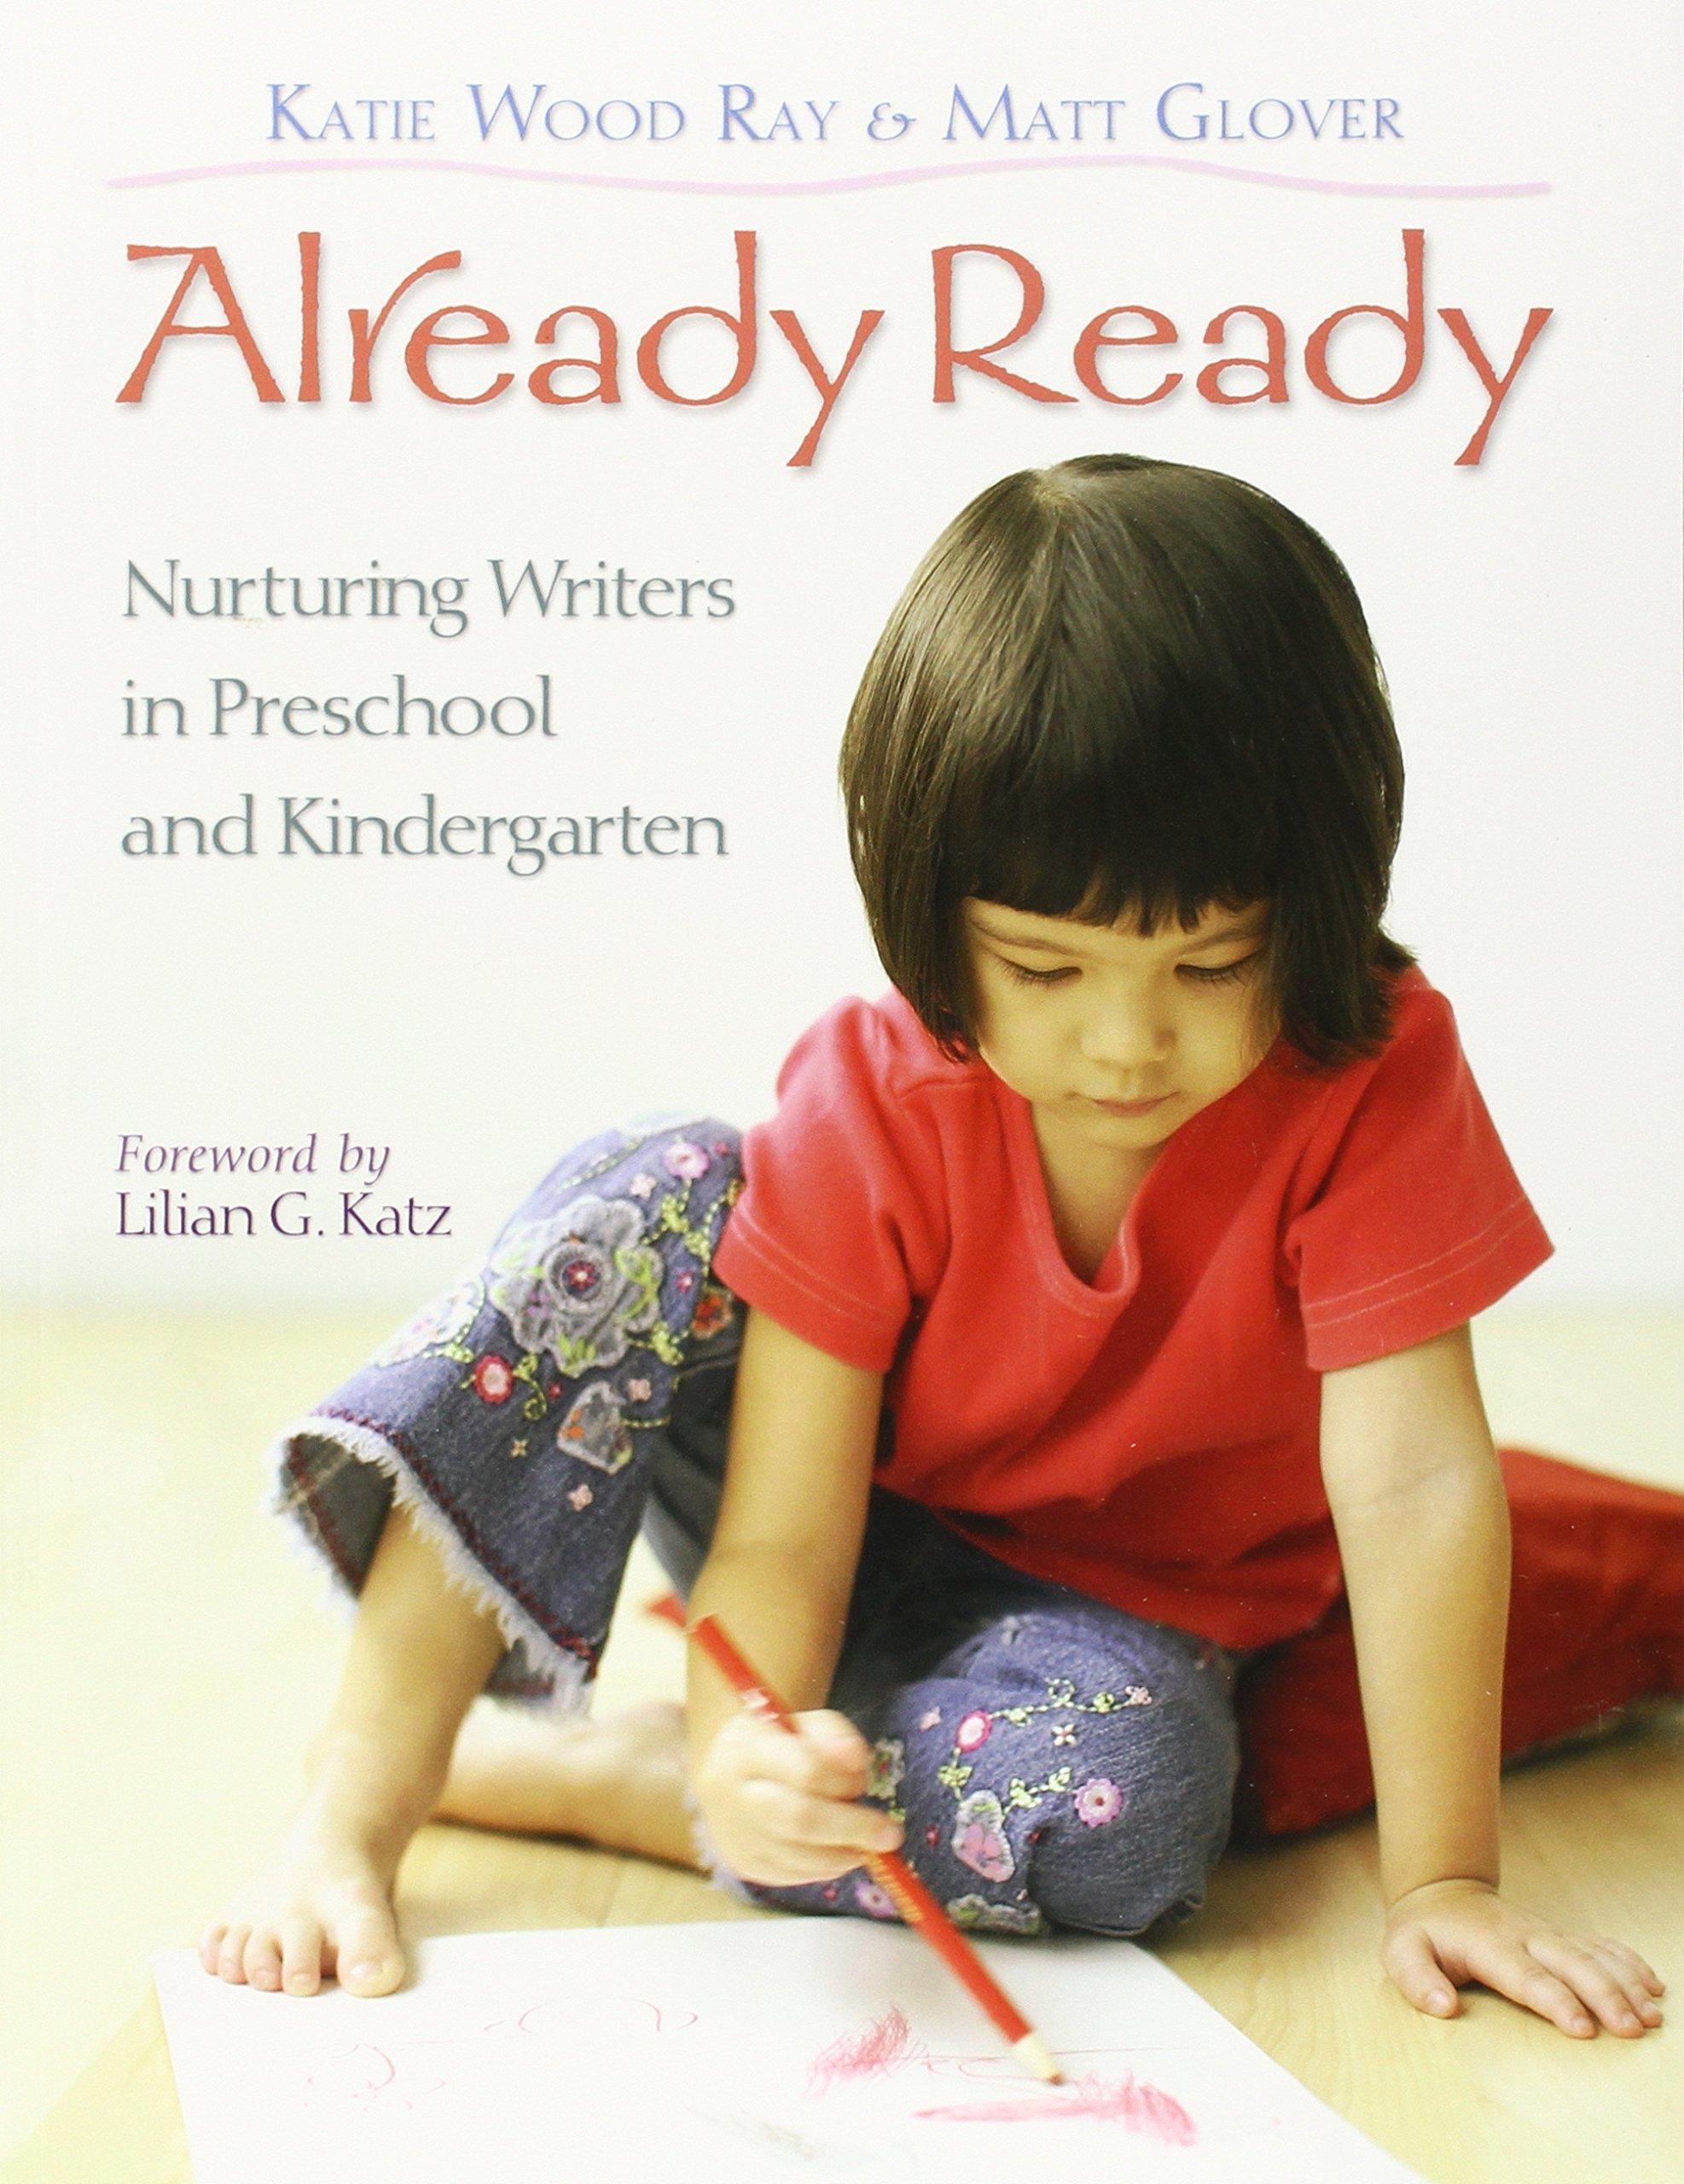 Already Ready ISBN-13 9780325010731